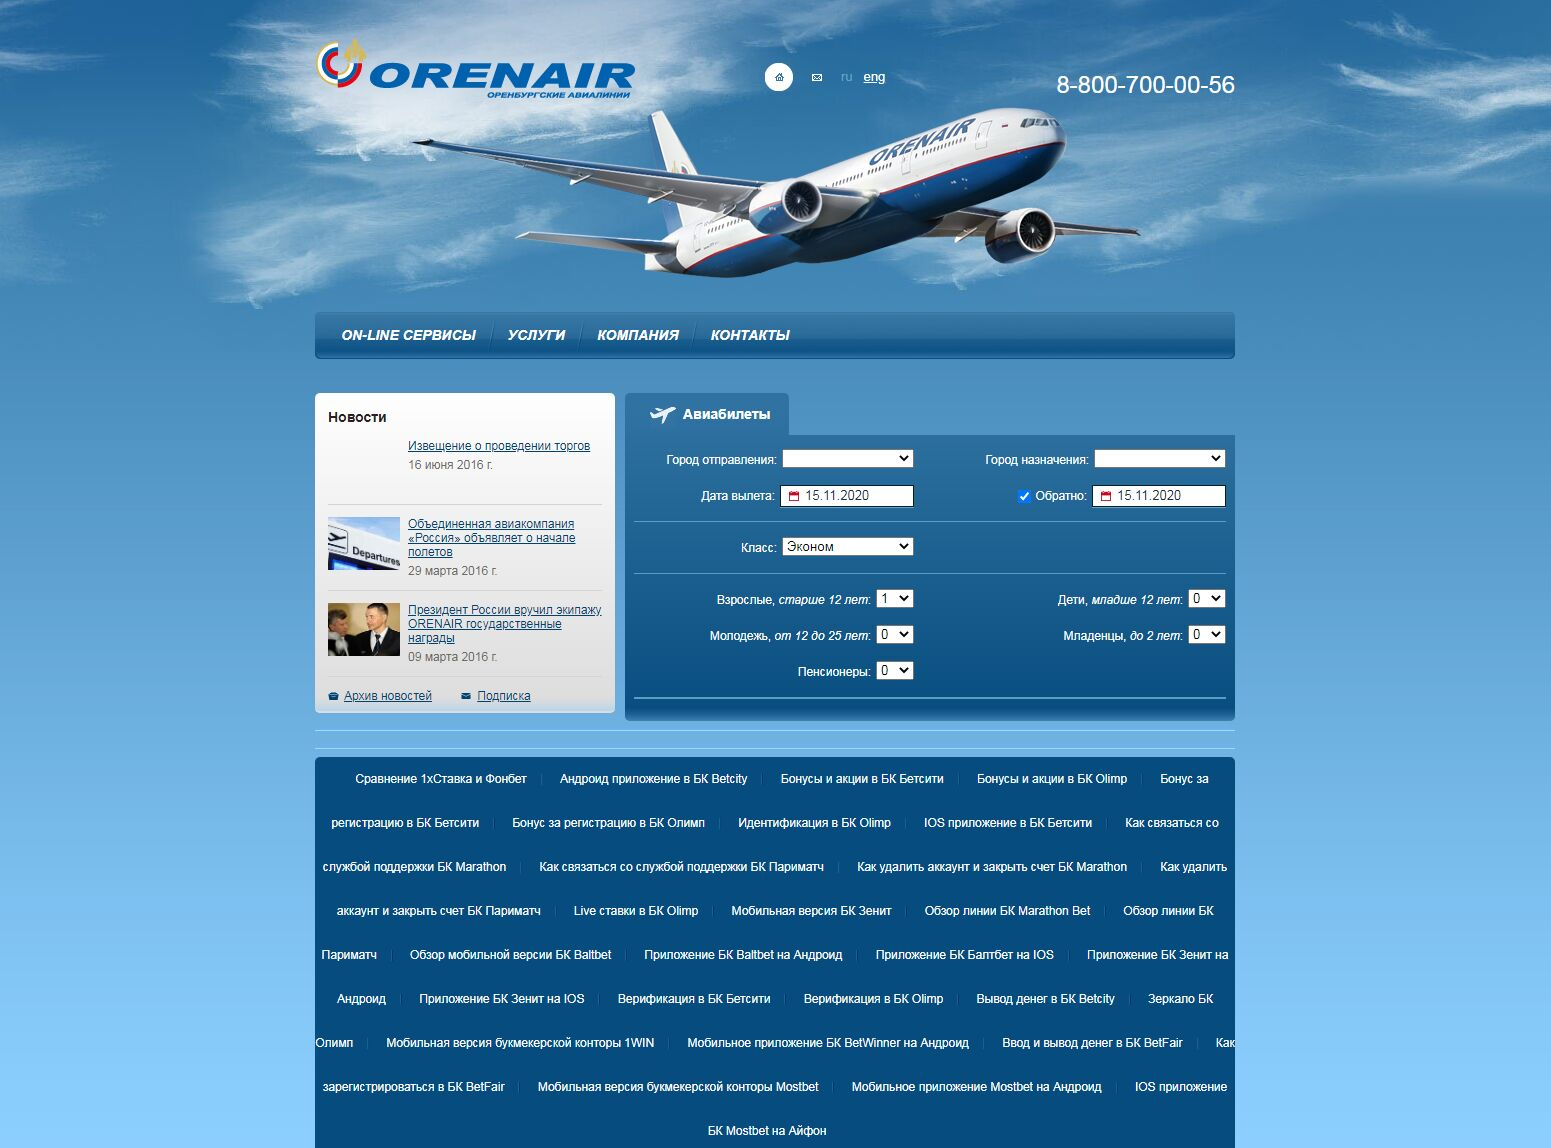 奥伦堡航空官网